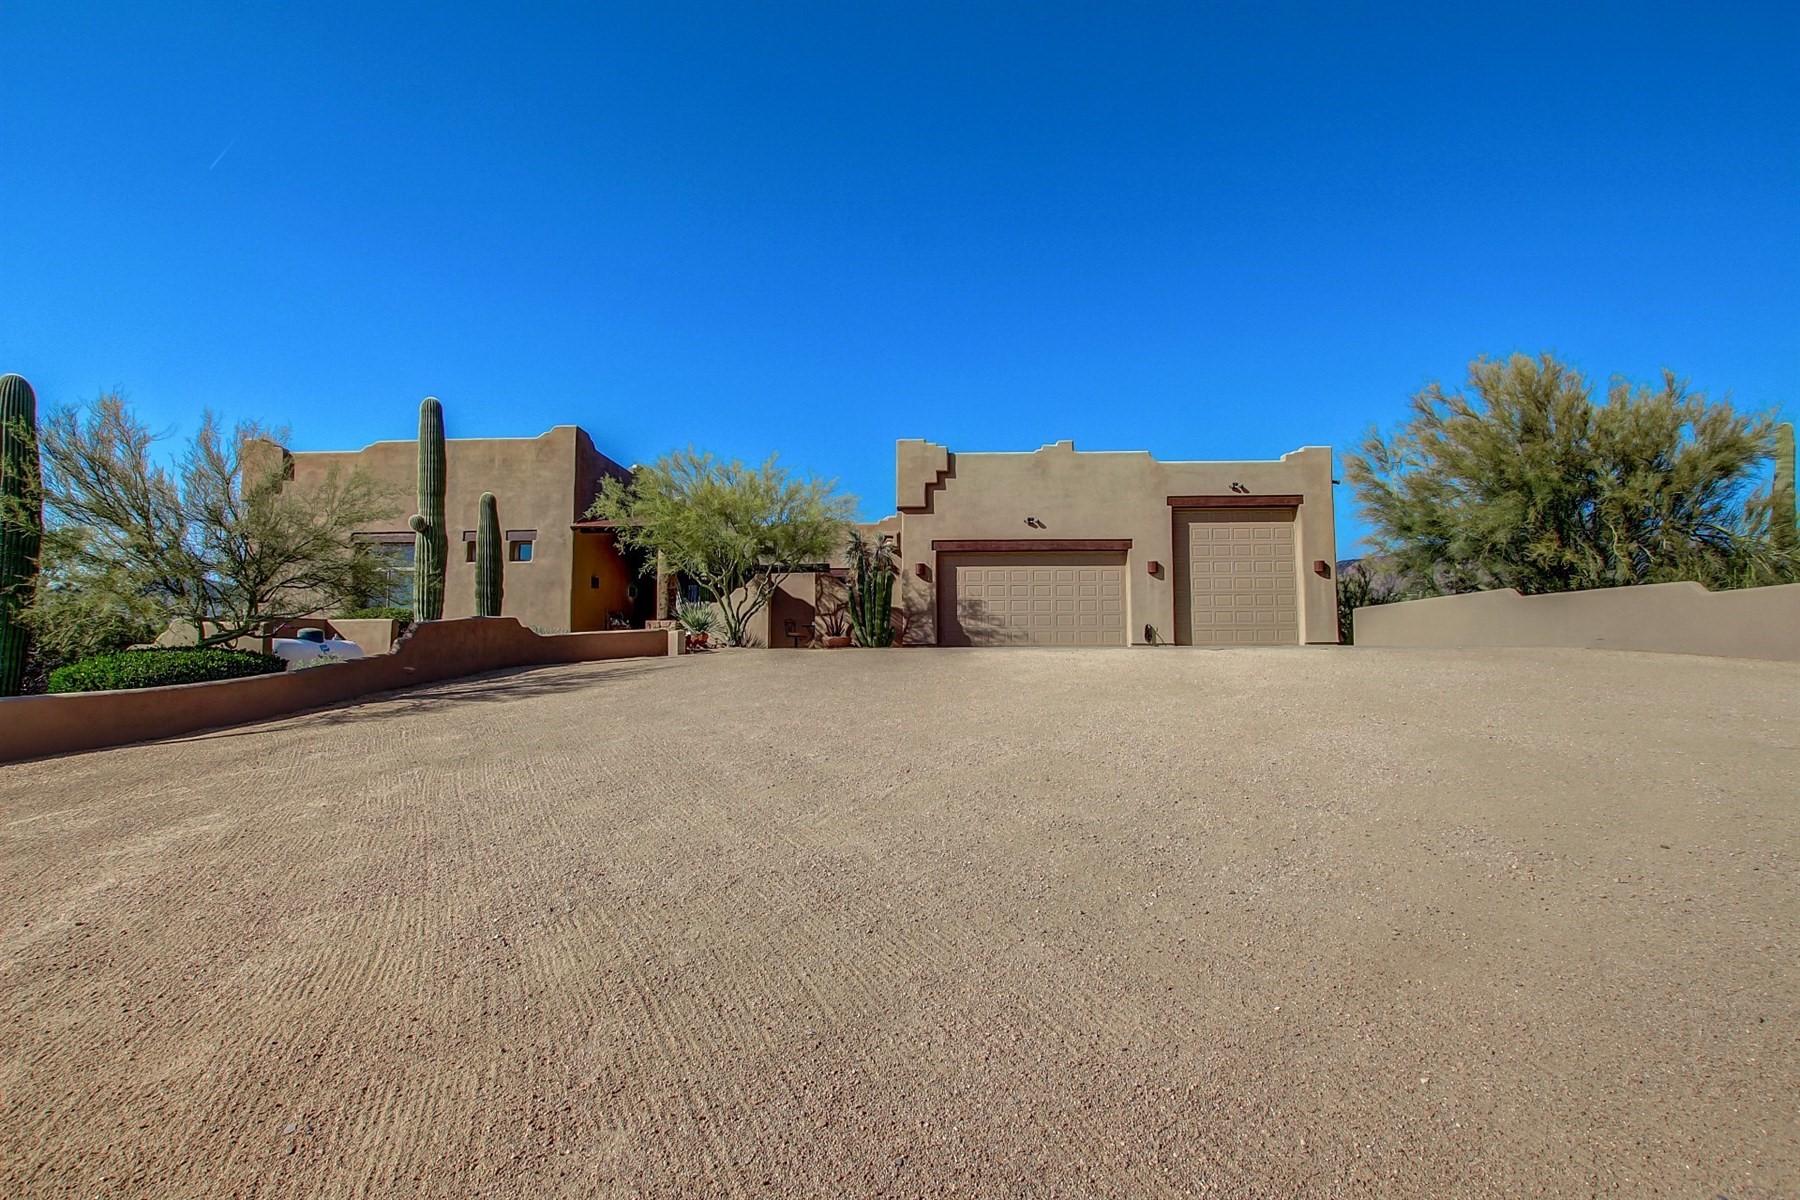 一戸建て のために 売買 アット Beautiful custom home with breathtaking views 6602 E LONE MOUNTAIN RD N Cave Creek, アリゾナ, 85331 アメリカ合衆国